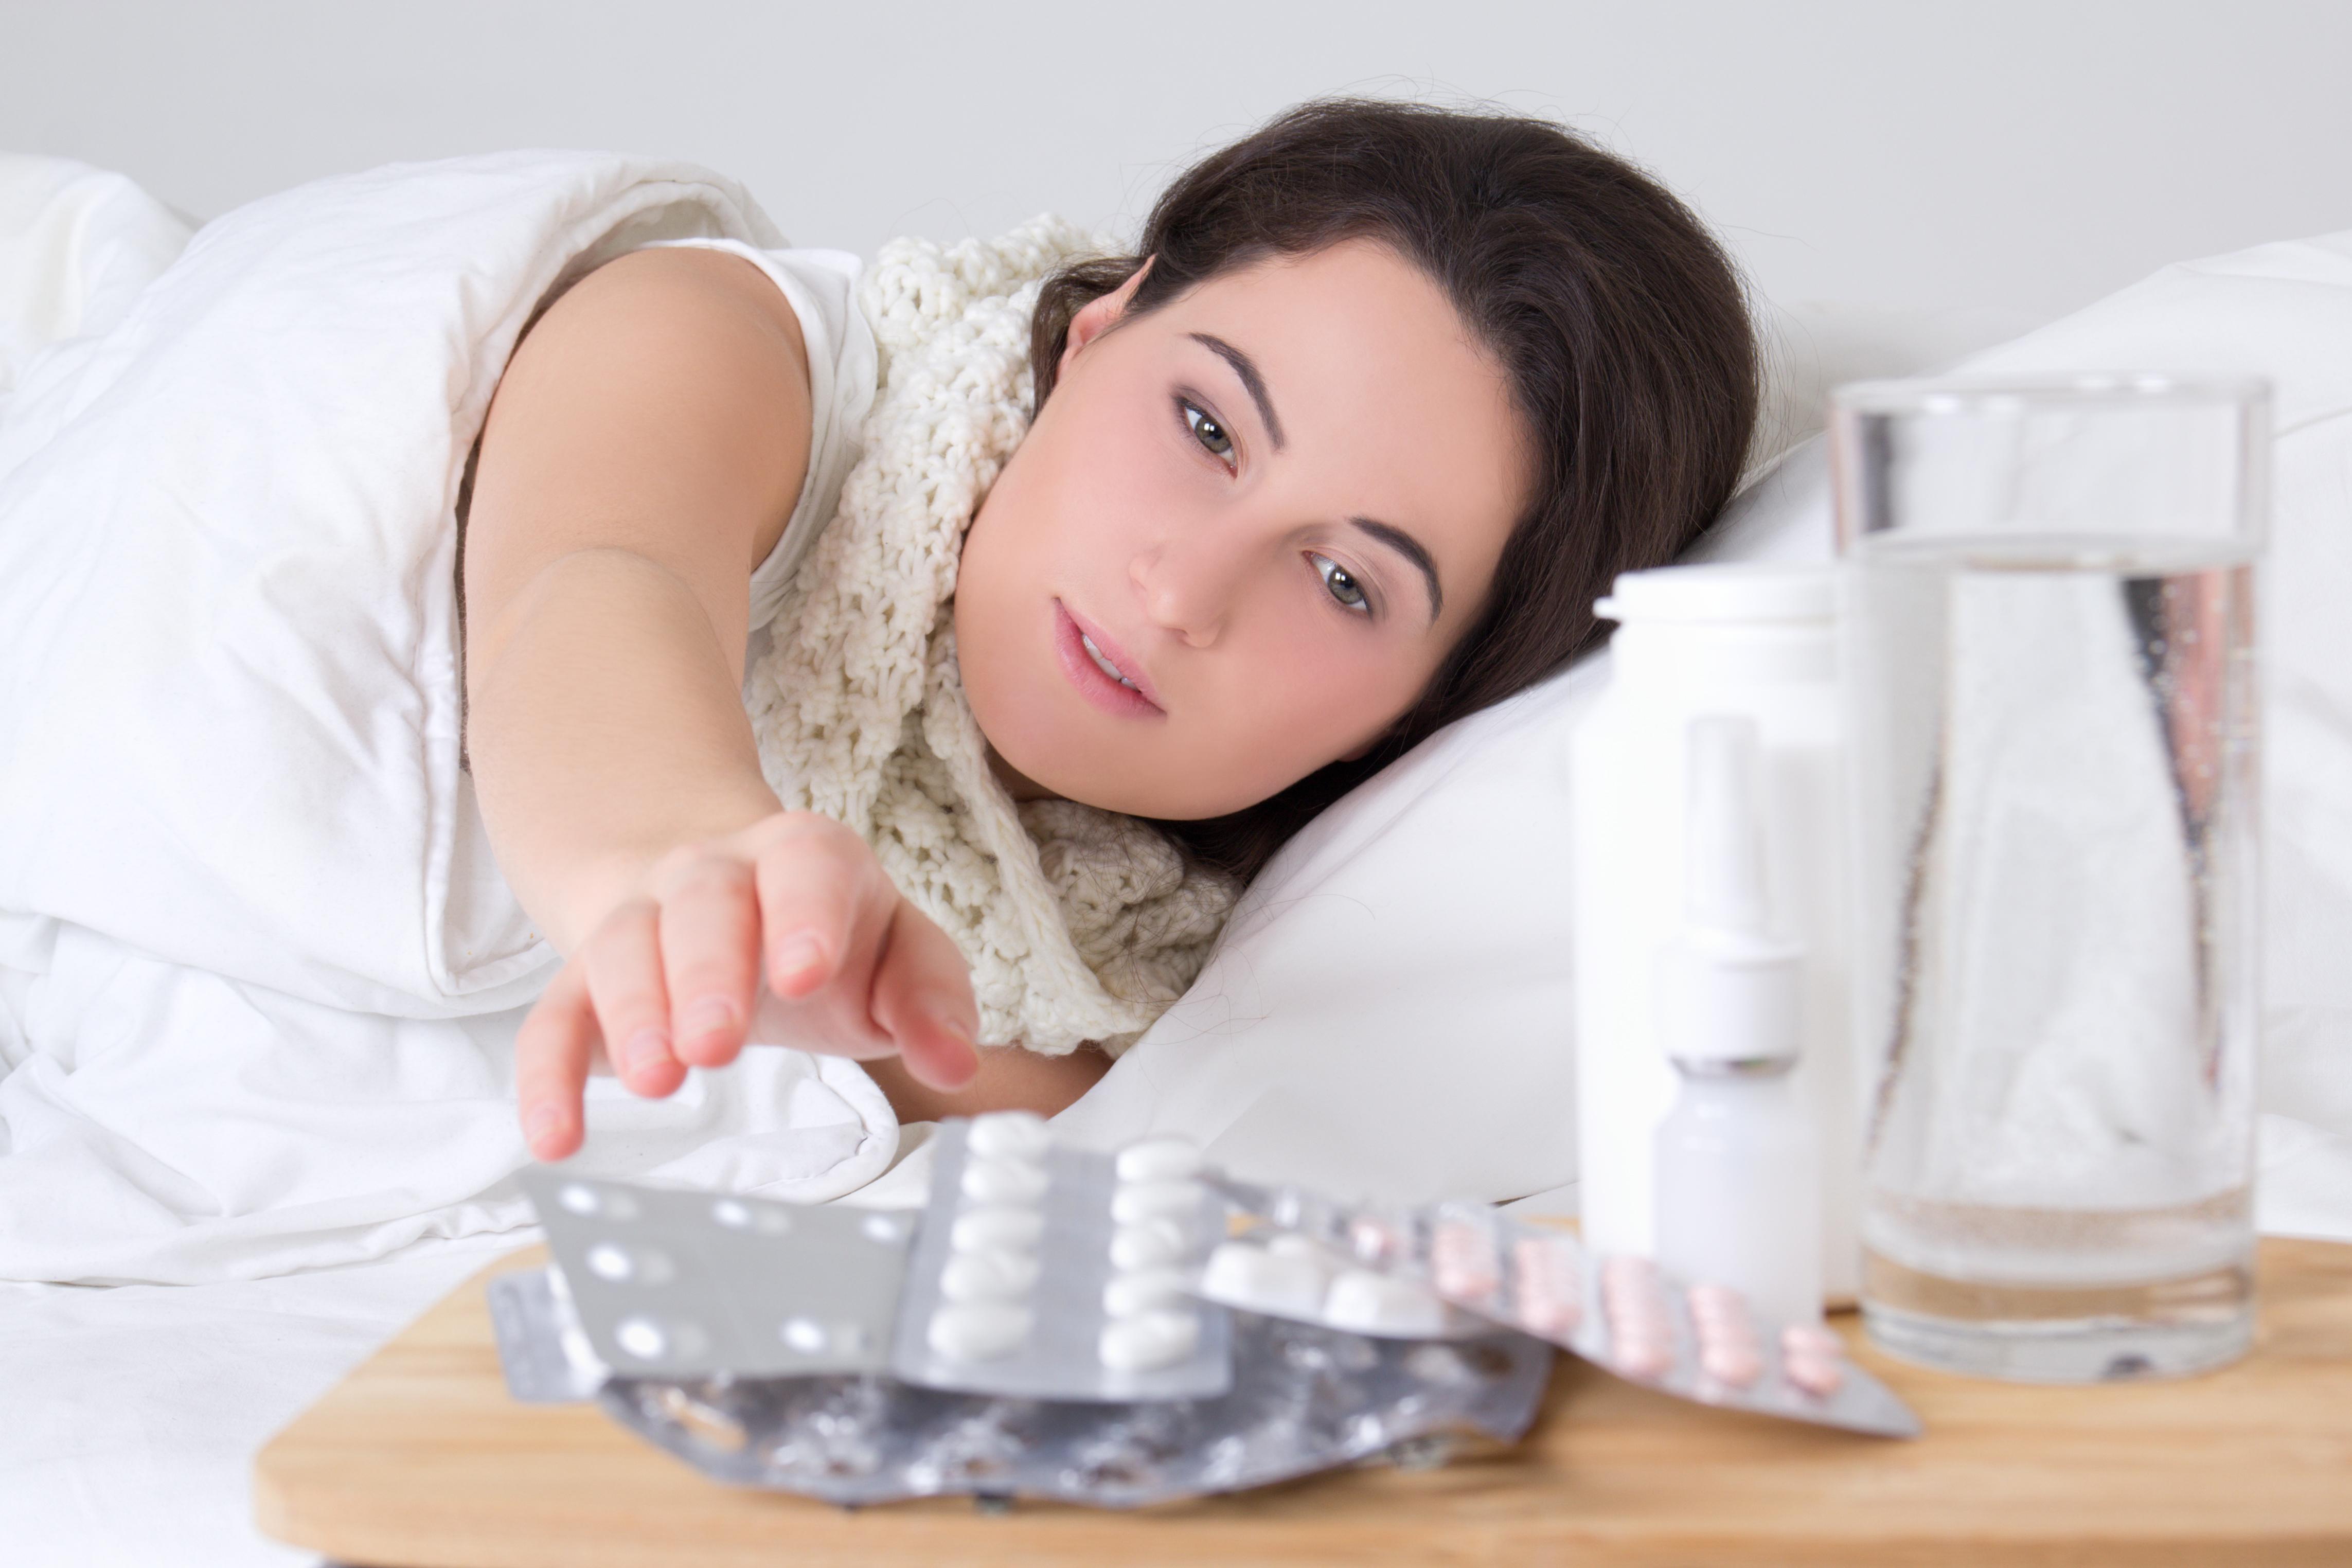 Sedan apoteksregleringen har försäljningen av paracetamol utanför apotek ökat med 60 procent.